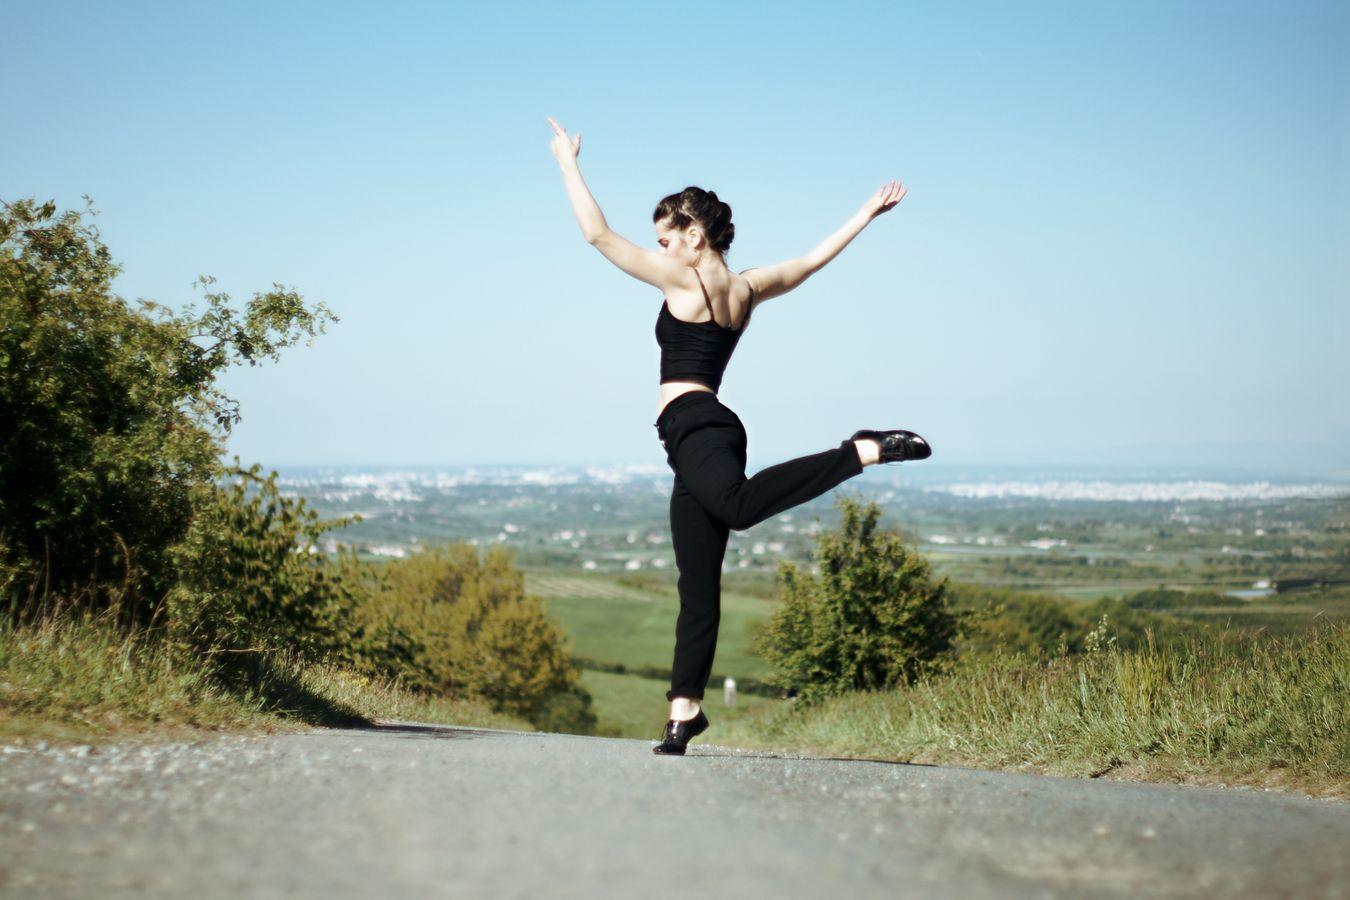 Sur un petit chemin goudronné de Saint-Laurent-d'Agny, Mathilde fait de la danse contemporaine devant l'horizon. Dans le lointain, on distingue, alors Soucieu-en-Jarrest. Tout son corps s'élance vers le haut, alors que son pied, en petit soulier verni est fermement ancré dans le sol.